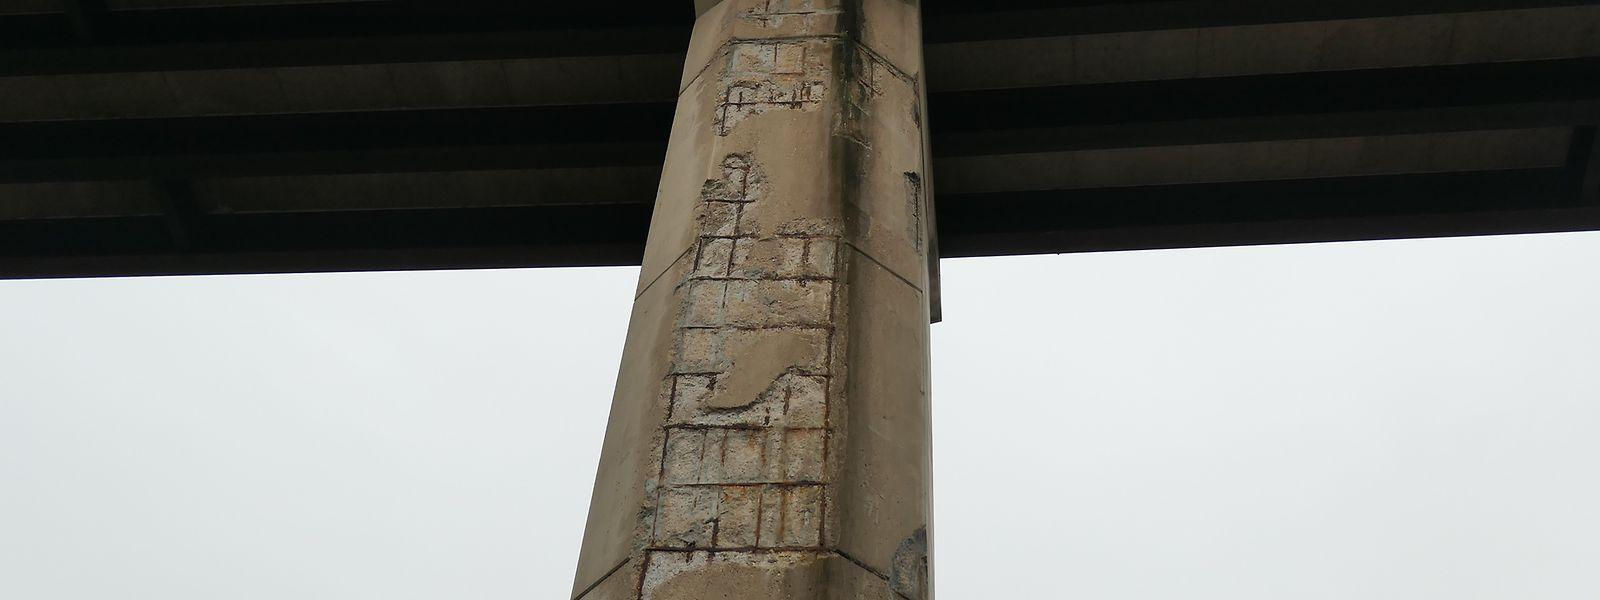 Die Betonabplatzungen an manchen Stützpfeilern des Viadukts Ditgesbaach hatten bereits des Öfteren für Sorgenfalten in Kreisen von Presse und Politik gesorgt.